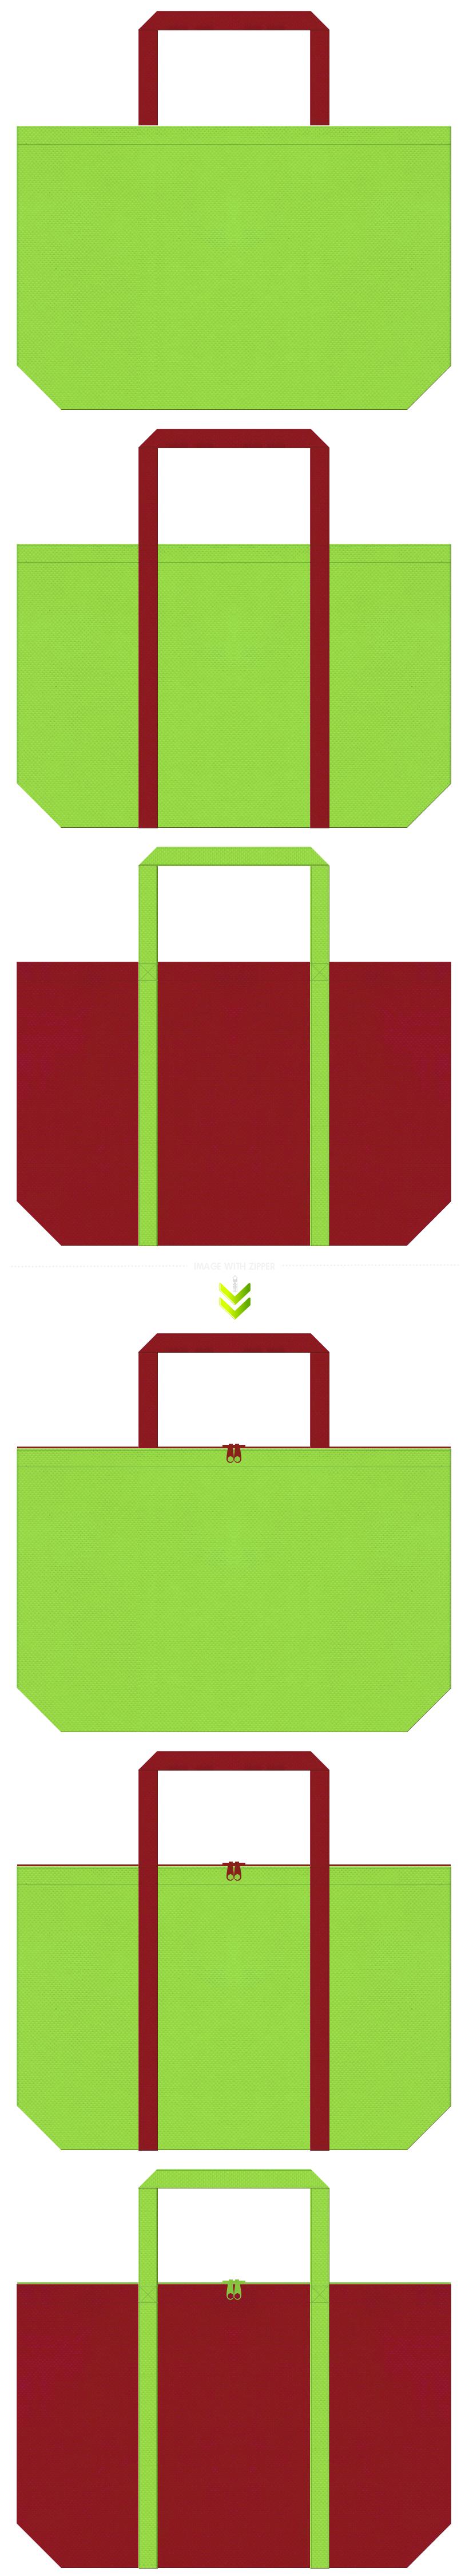 楓の花・振袖・着物展示会・野点傘・茶会・邦楽演奏会・和風庭園・和風催事にお奨めの不織布バッグデザイン:黄緑色とエンジ色のコーデ